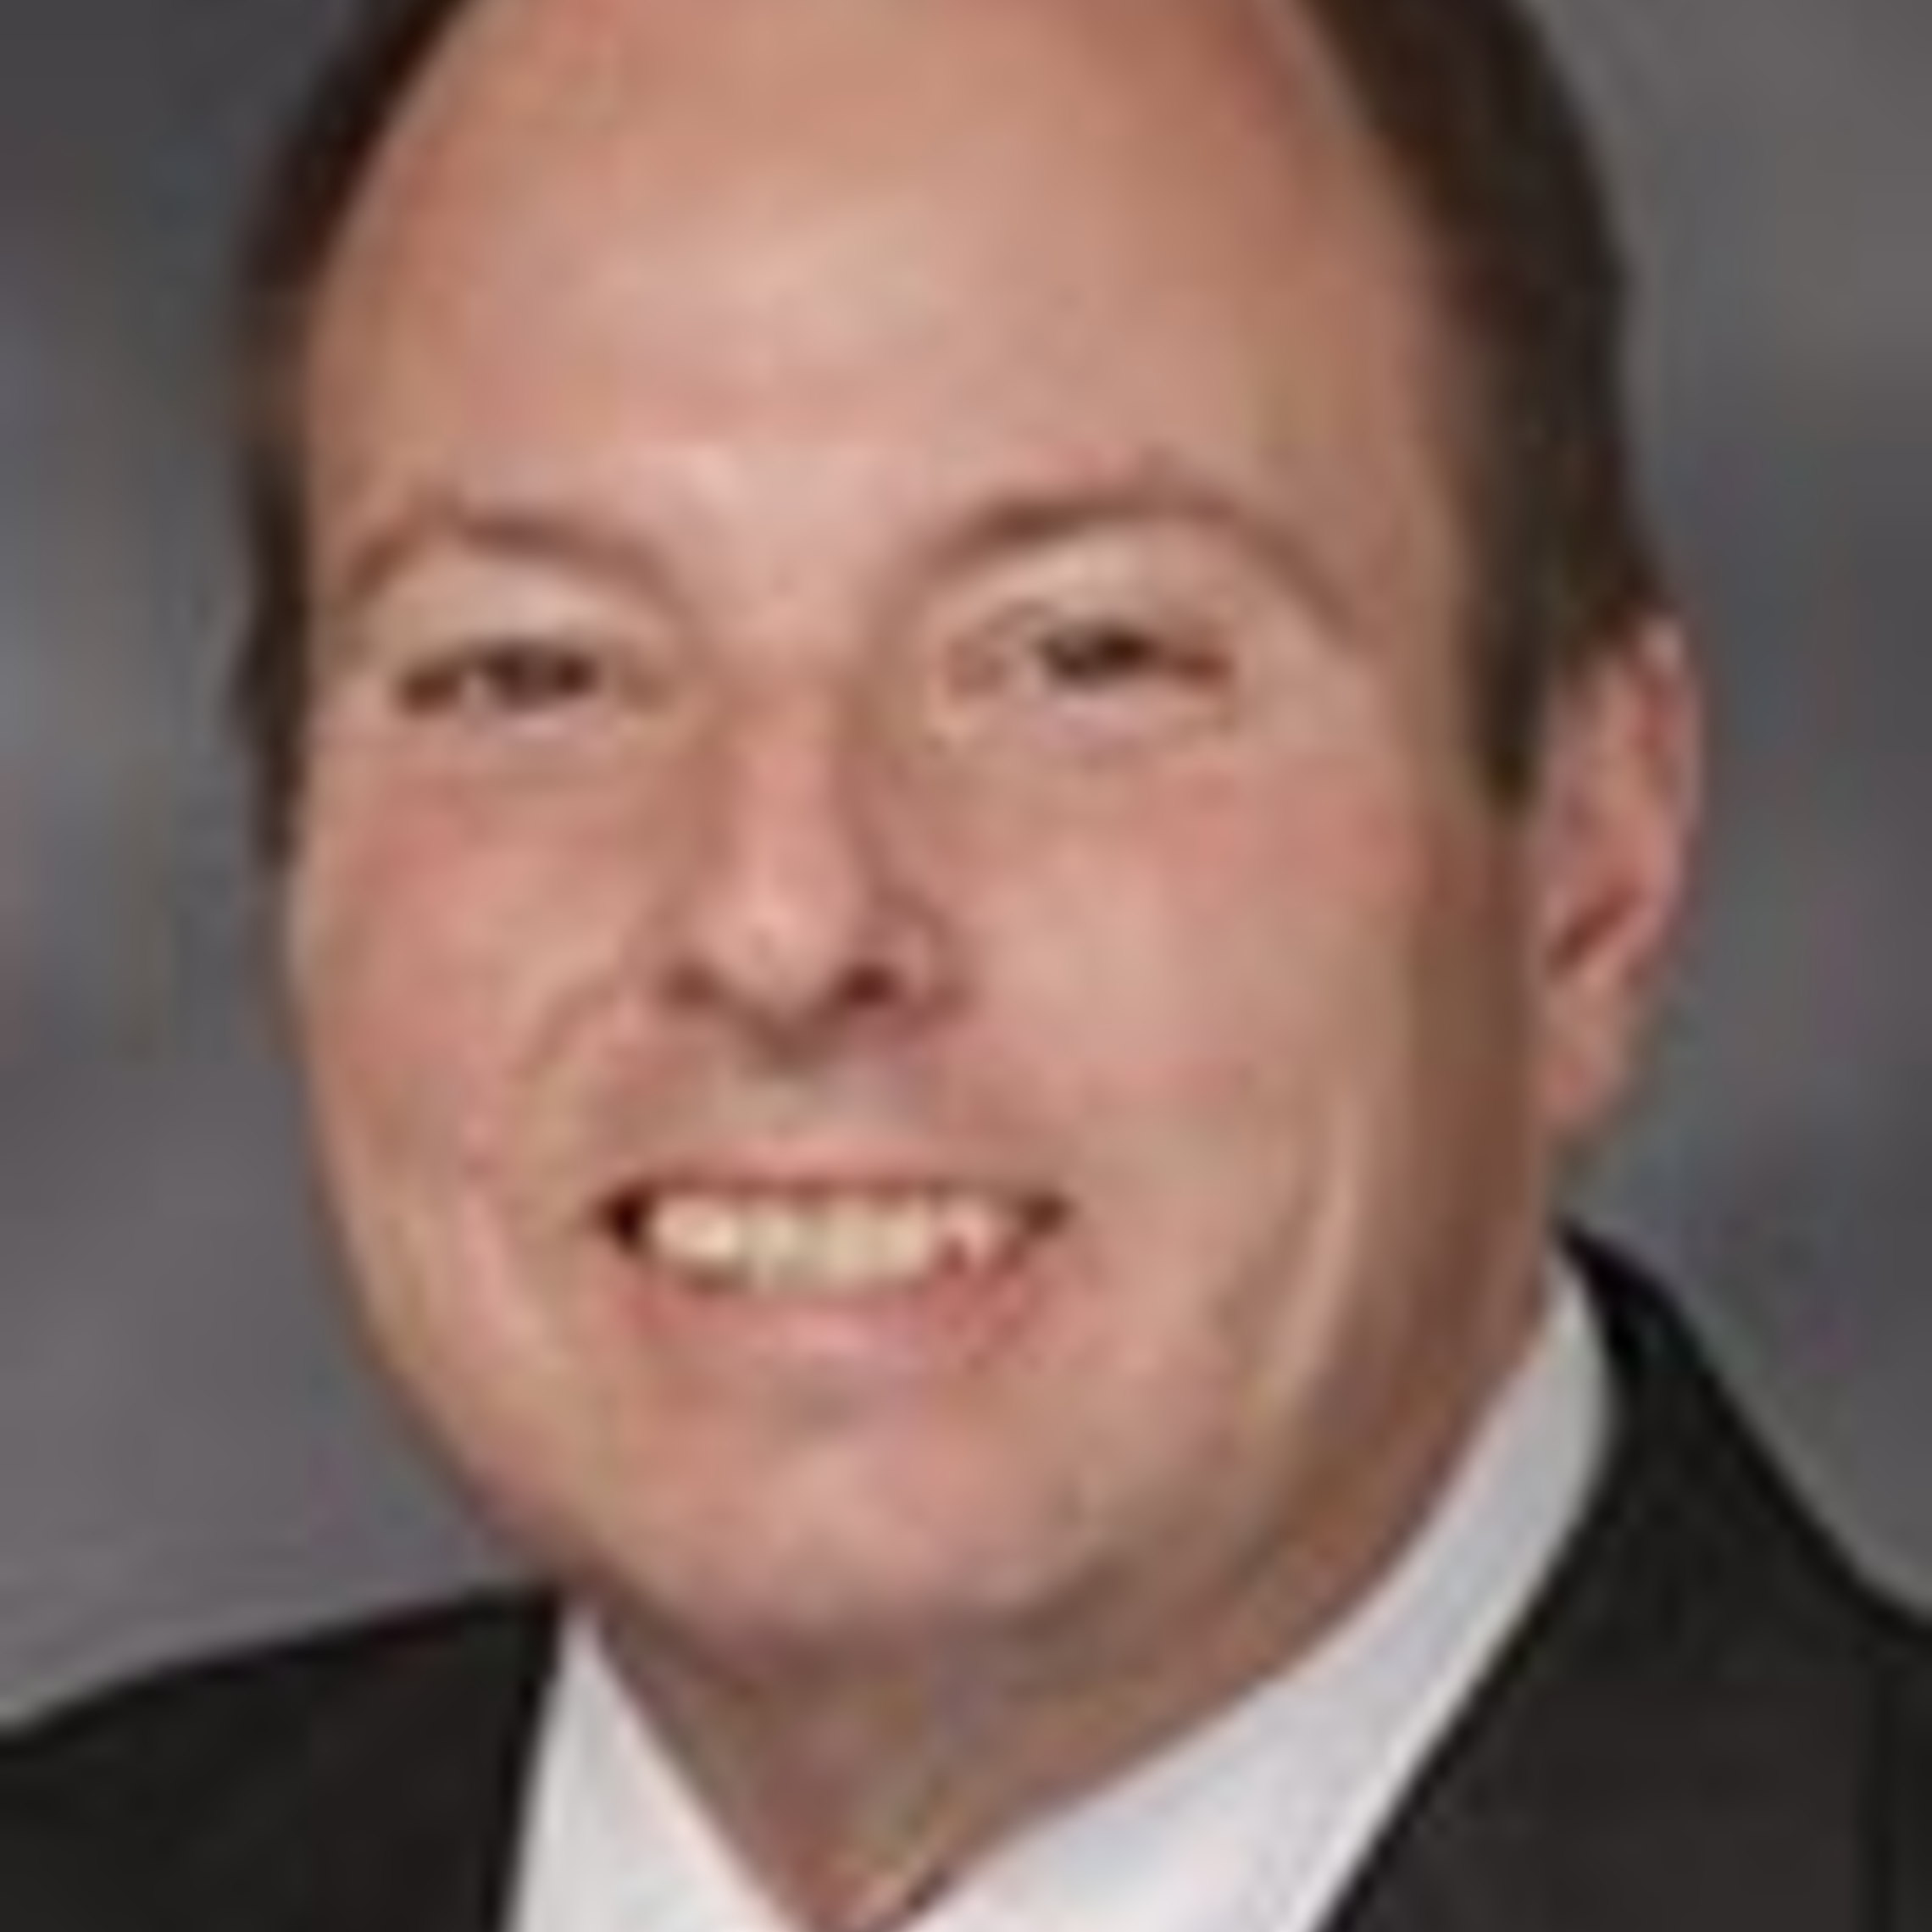 Rep. Tom Hannegan